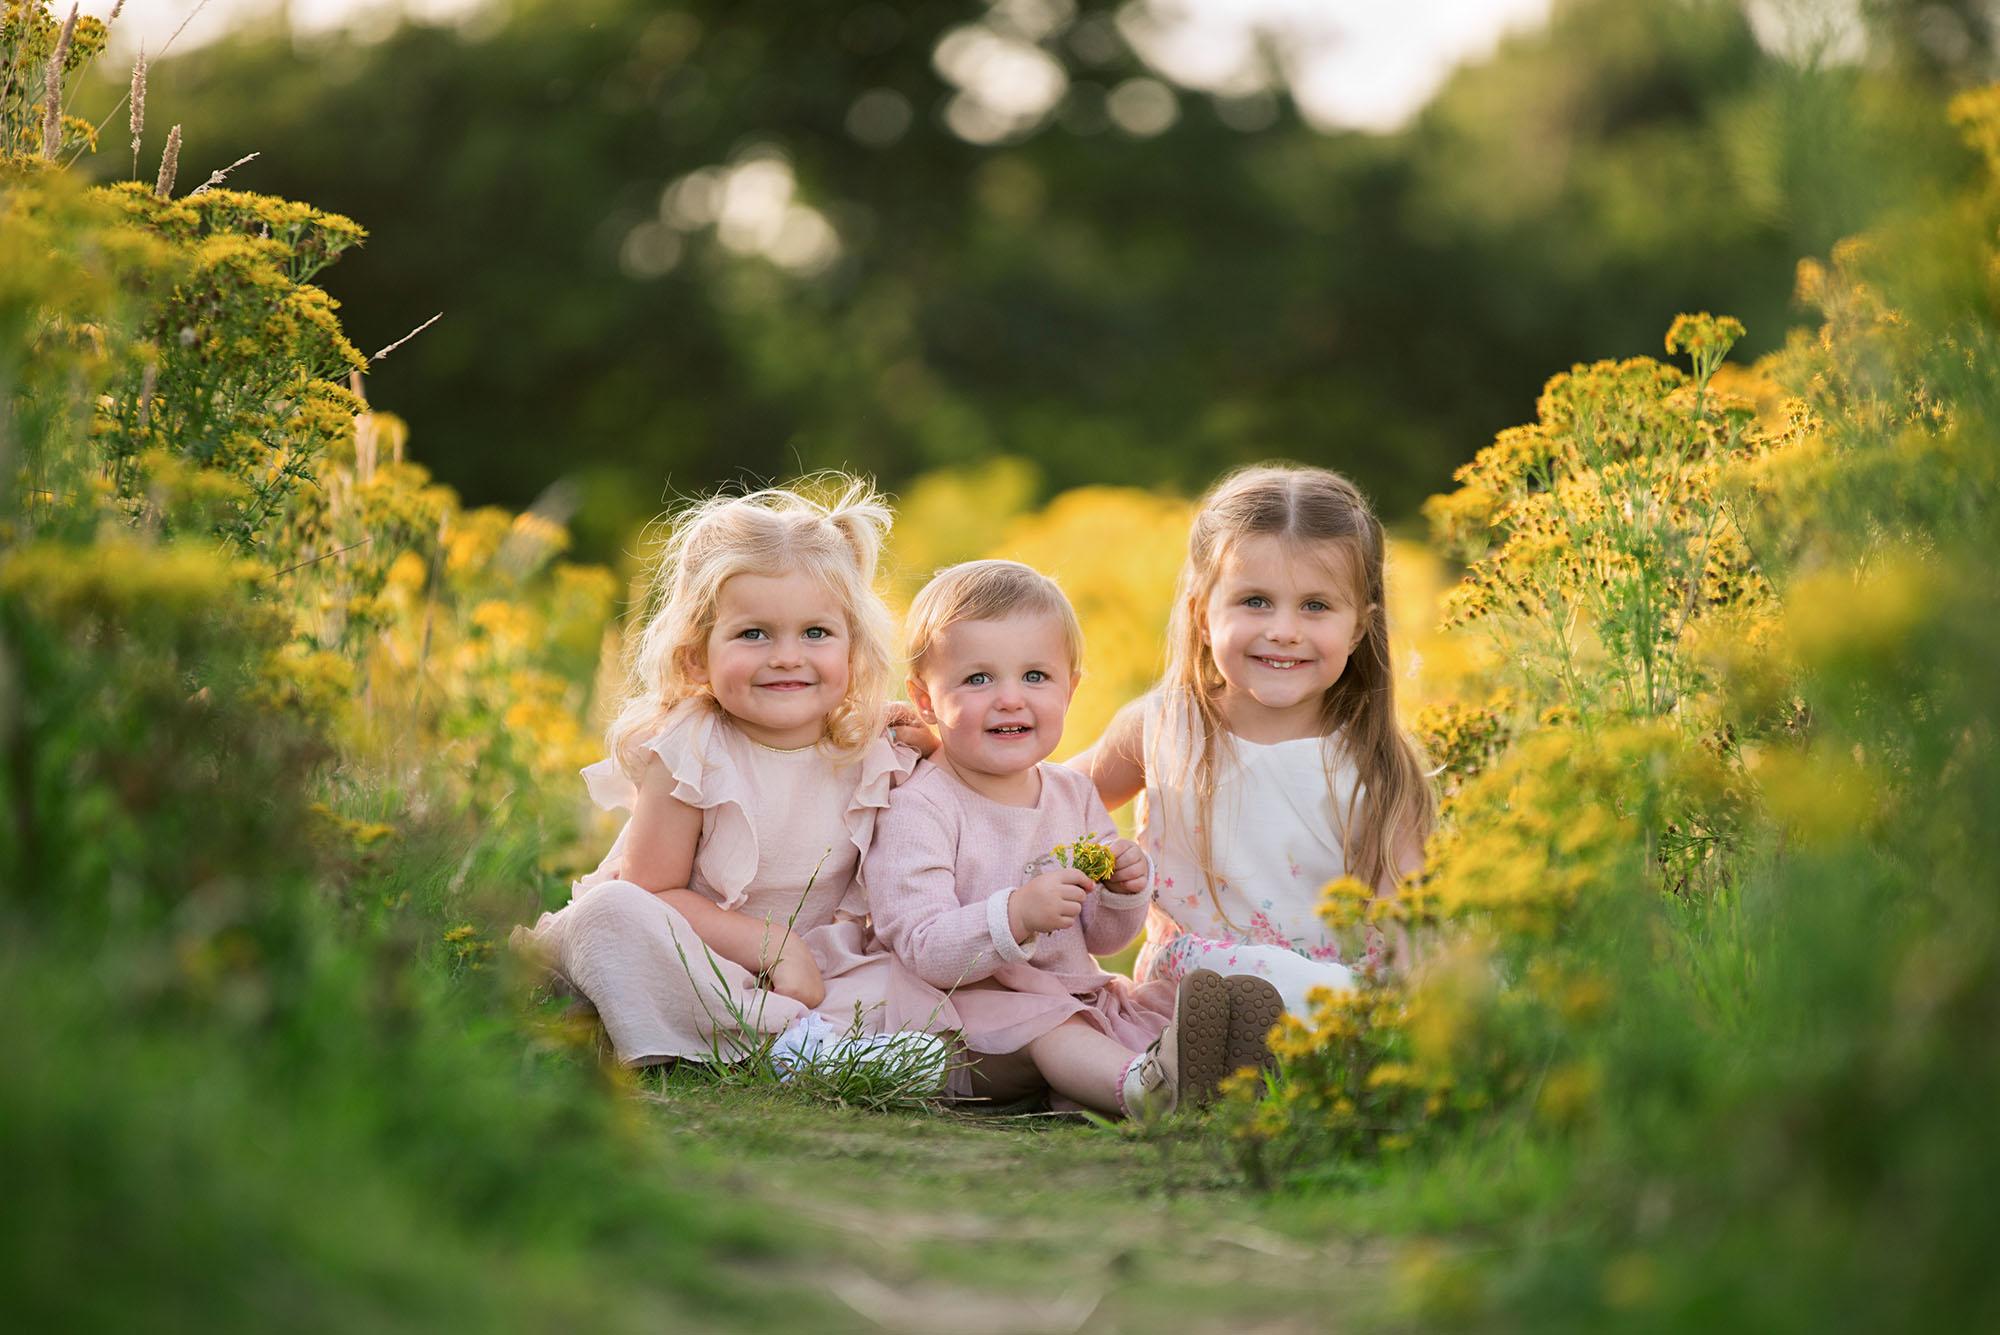 Barnsley family photographer, children sunset photo shoot